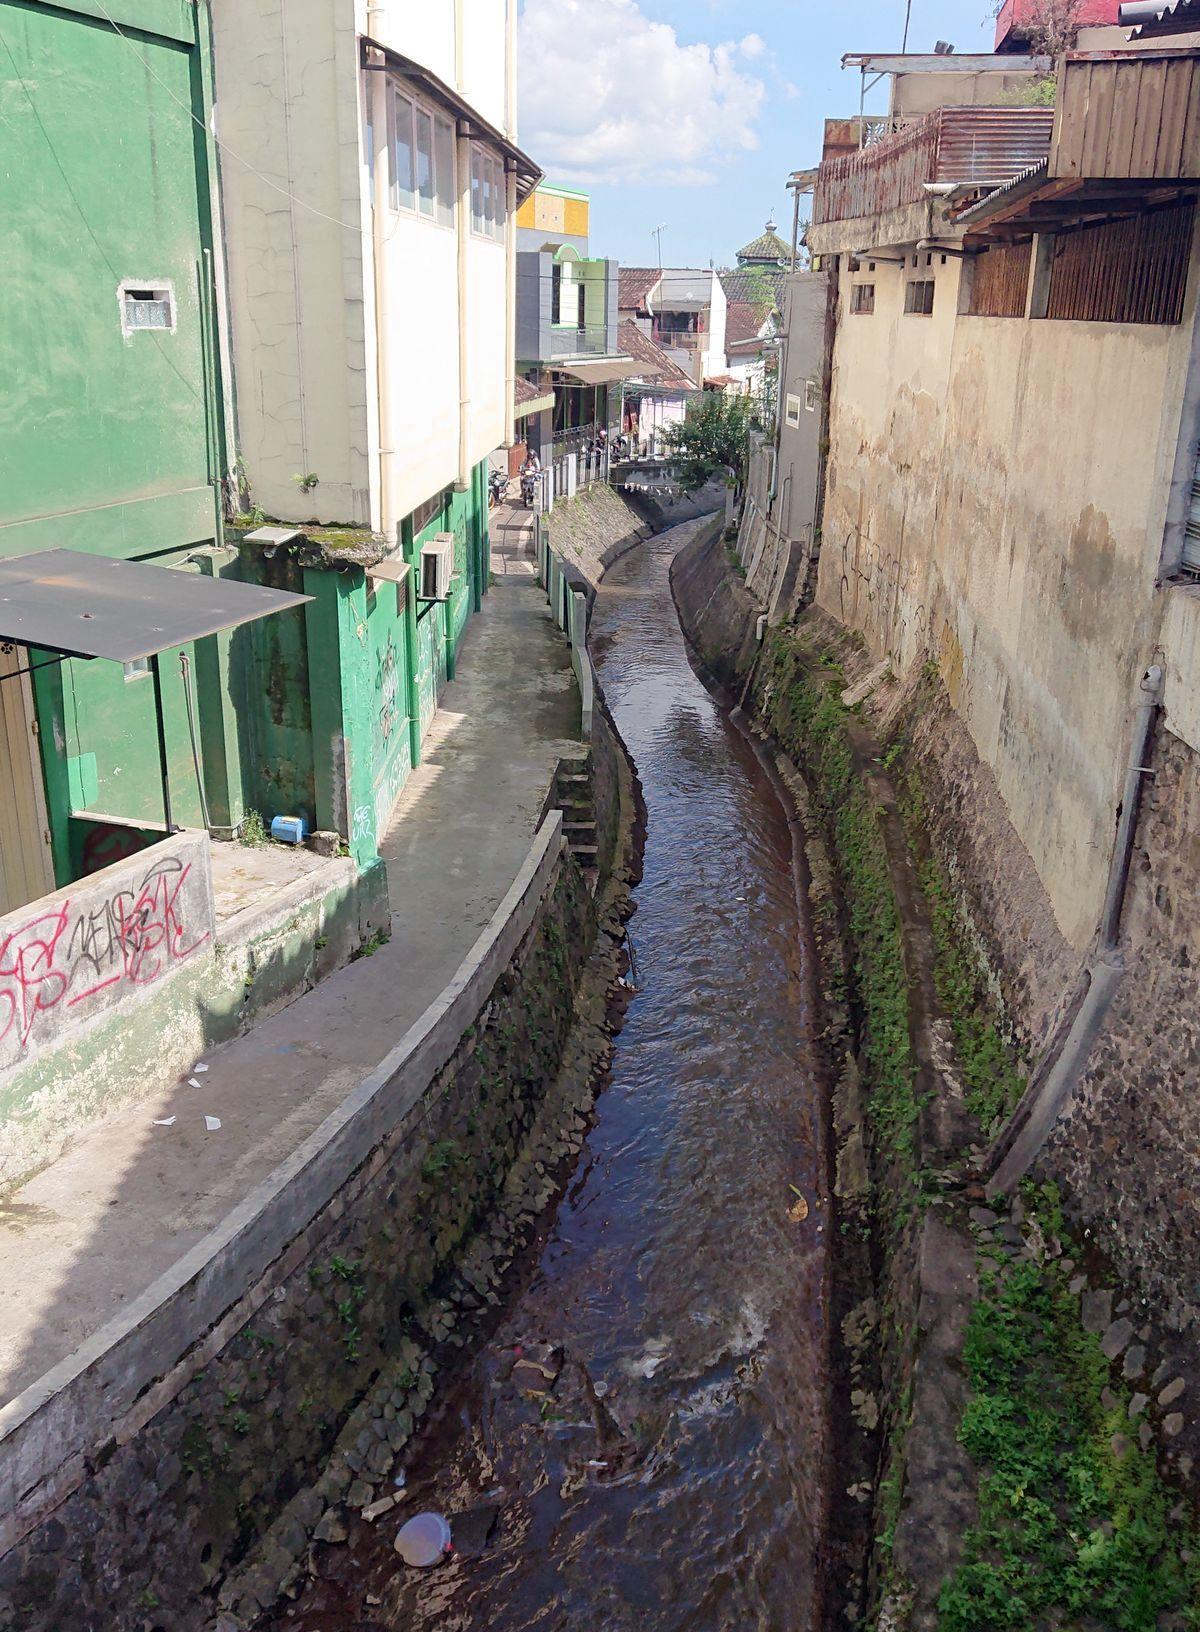 Džakartoje išvaloamvos 2-4 proc. miesto nuotekų, o miesto kvartalus raižo kanalizacijos grioviai. Foto: ©PILOTAS.LT